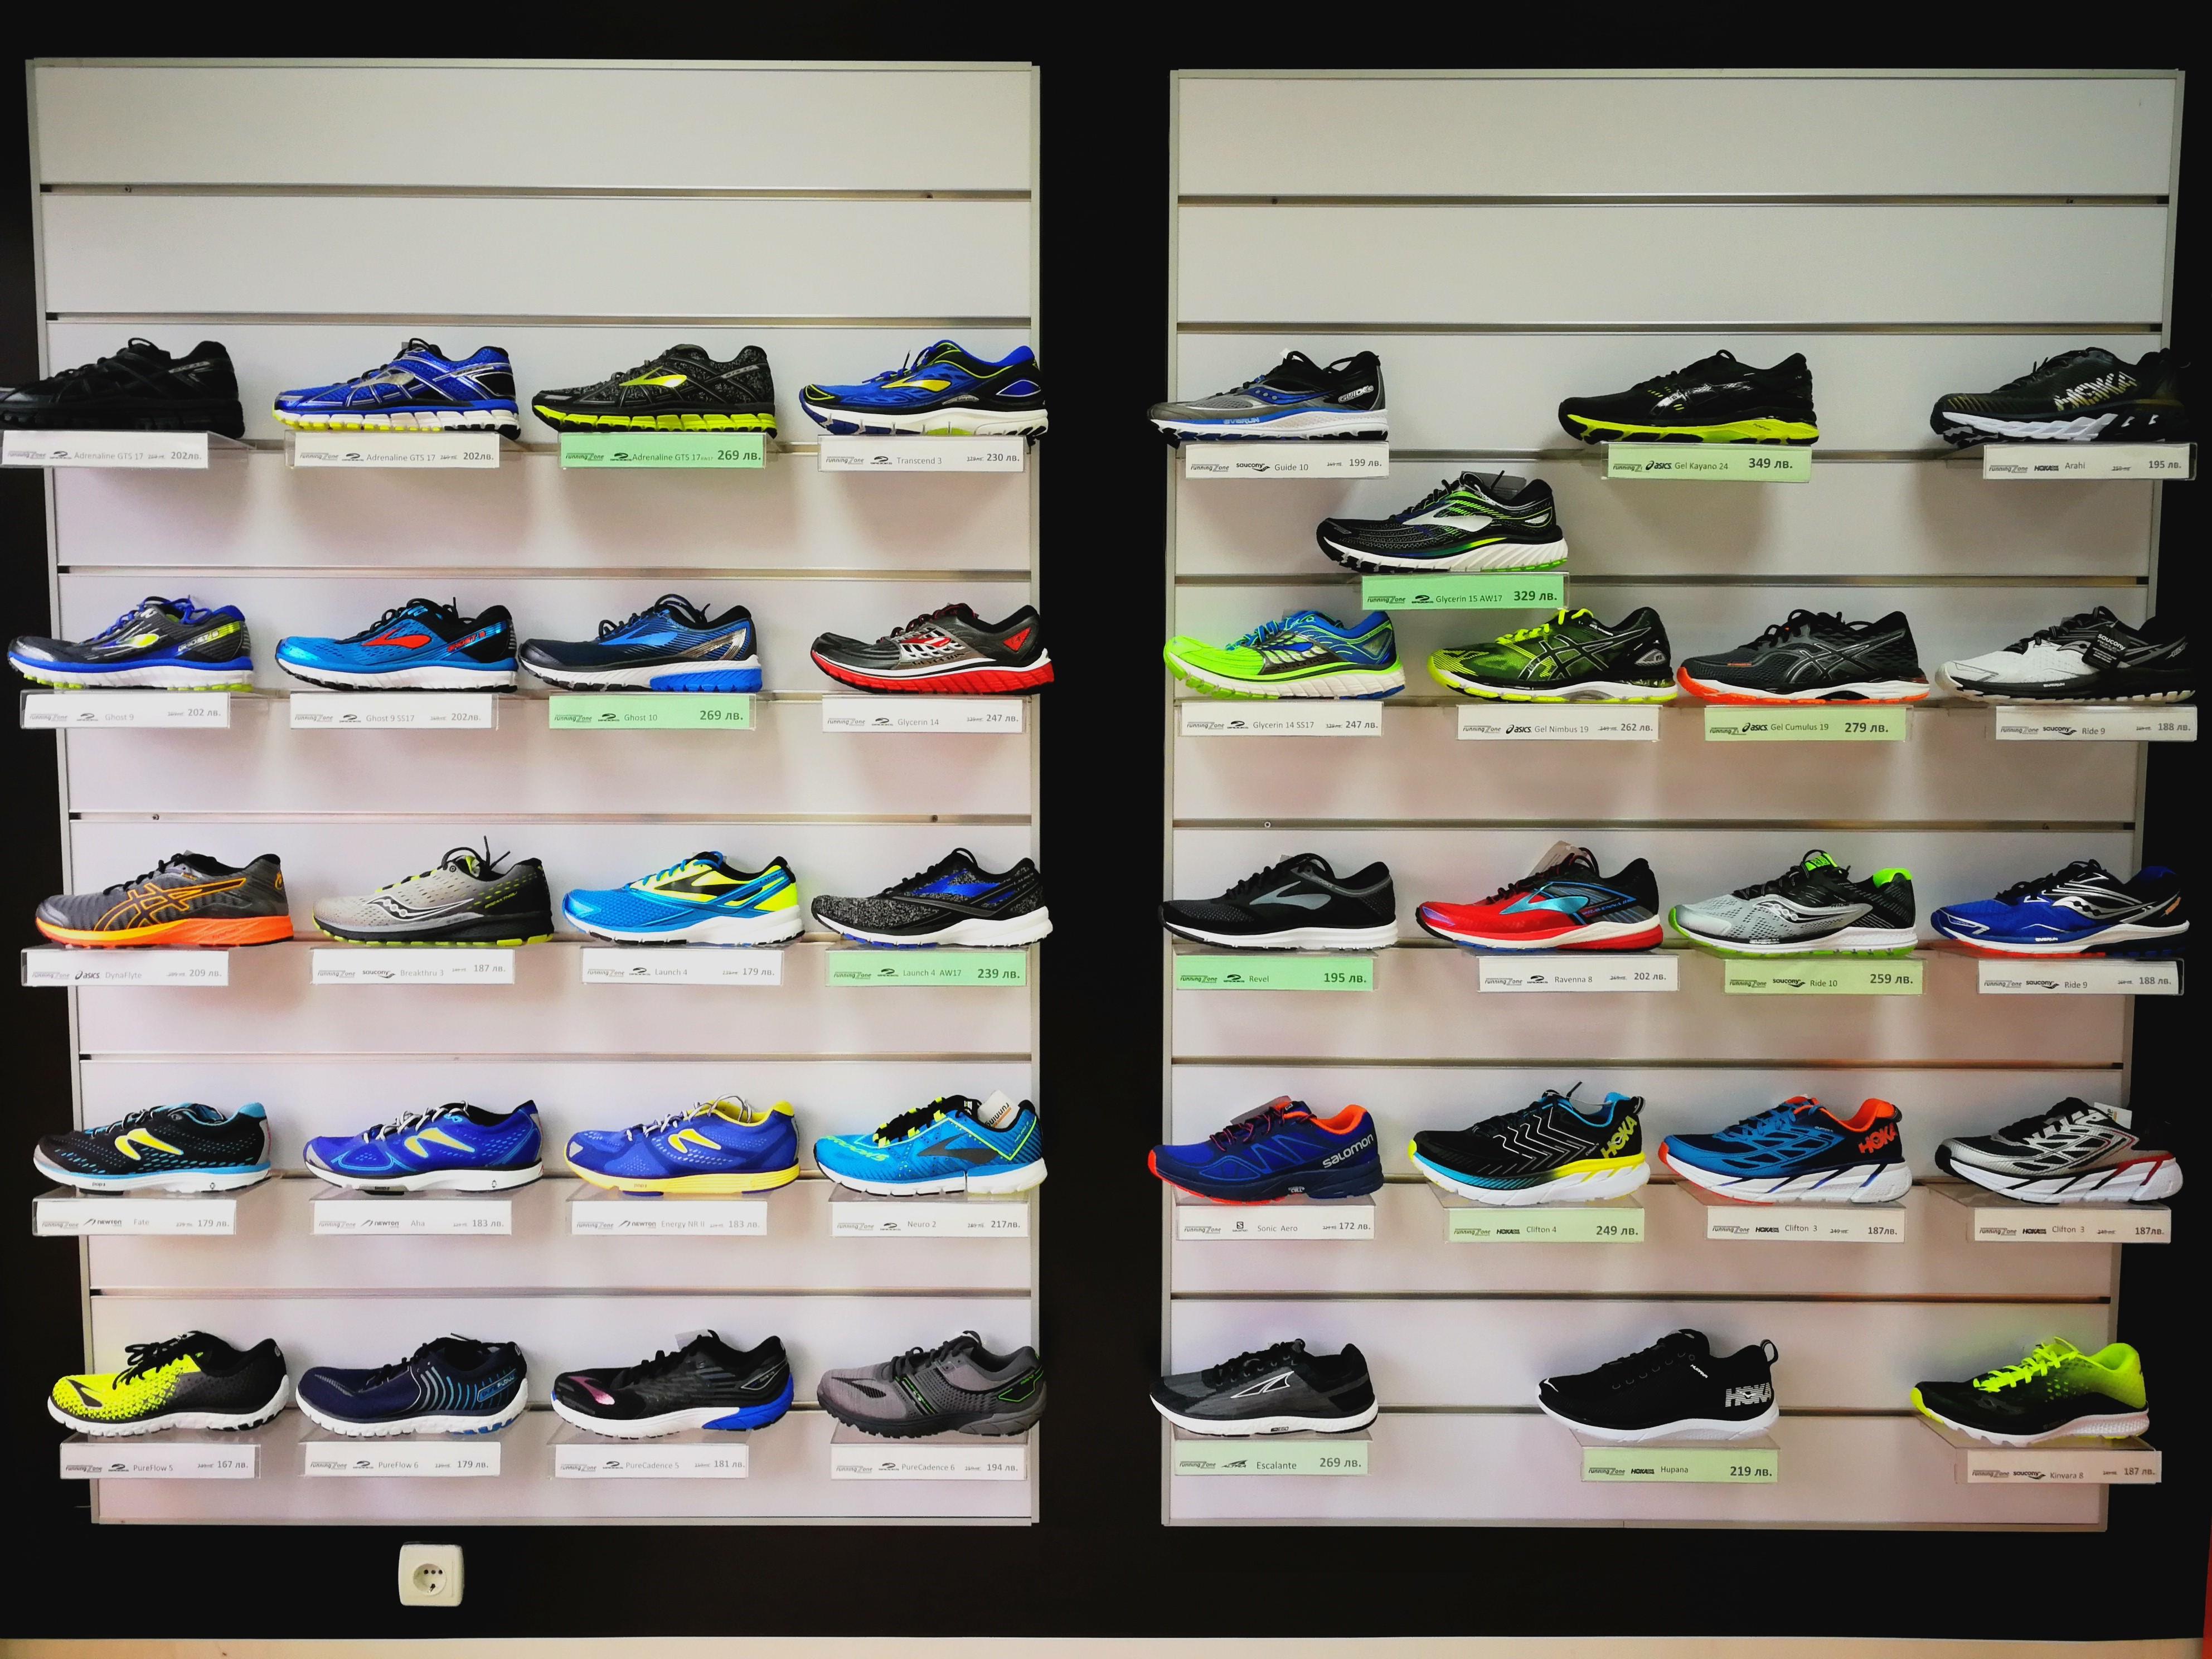 3677374eafc Няма една единствена най – добра обувка. Всеки бегач има различни нужди и  идеалната обувка за един, може да бъде истински кошмар за друг.